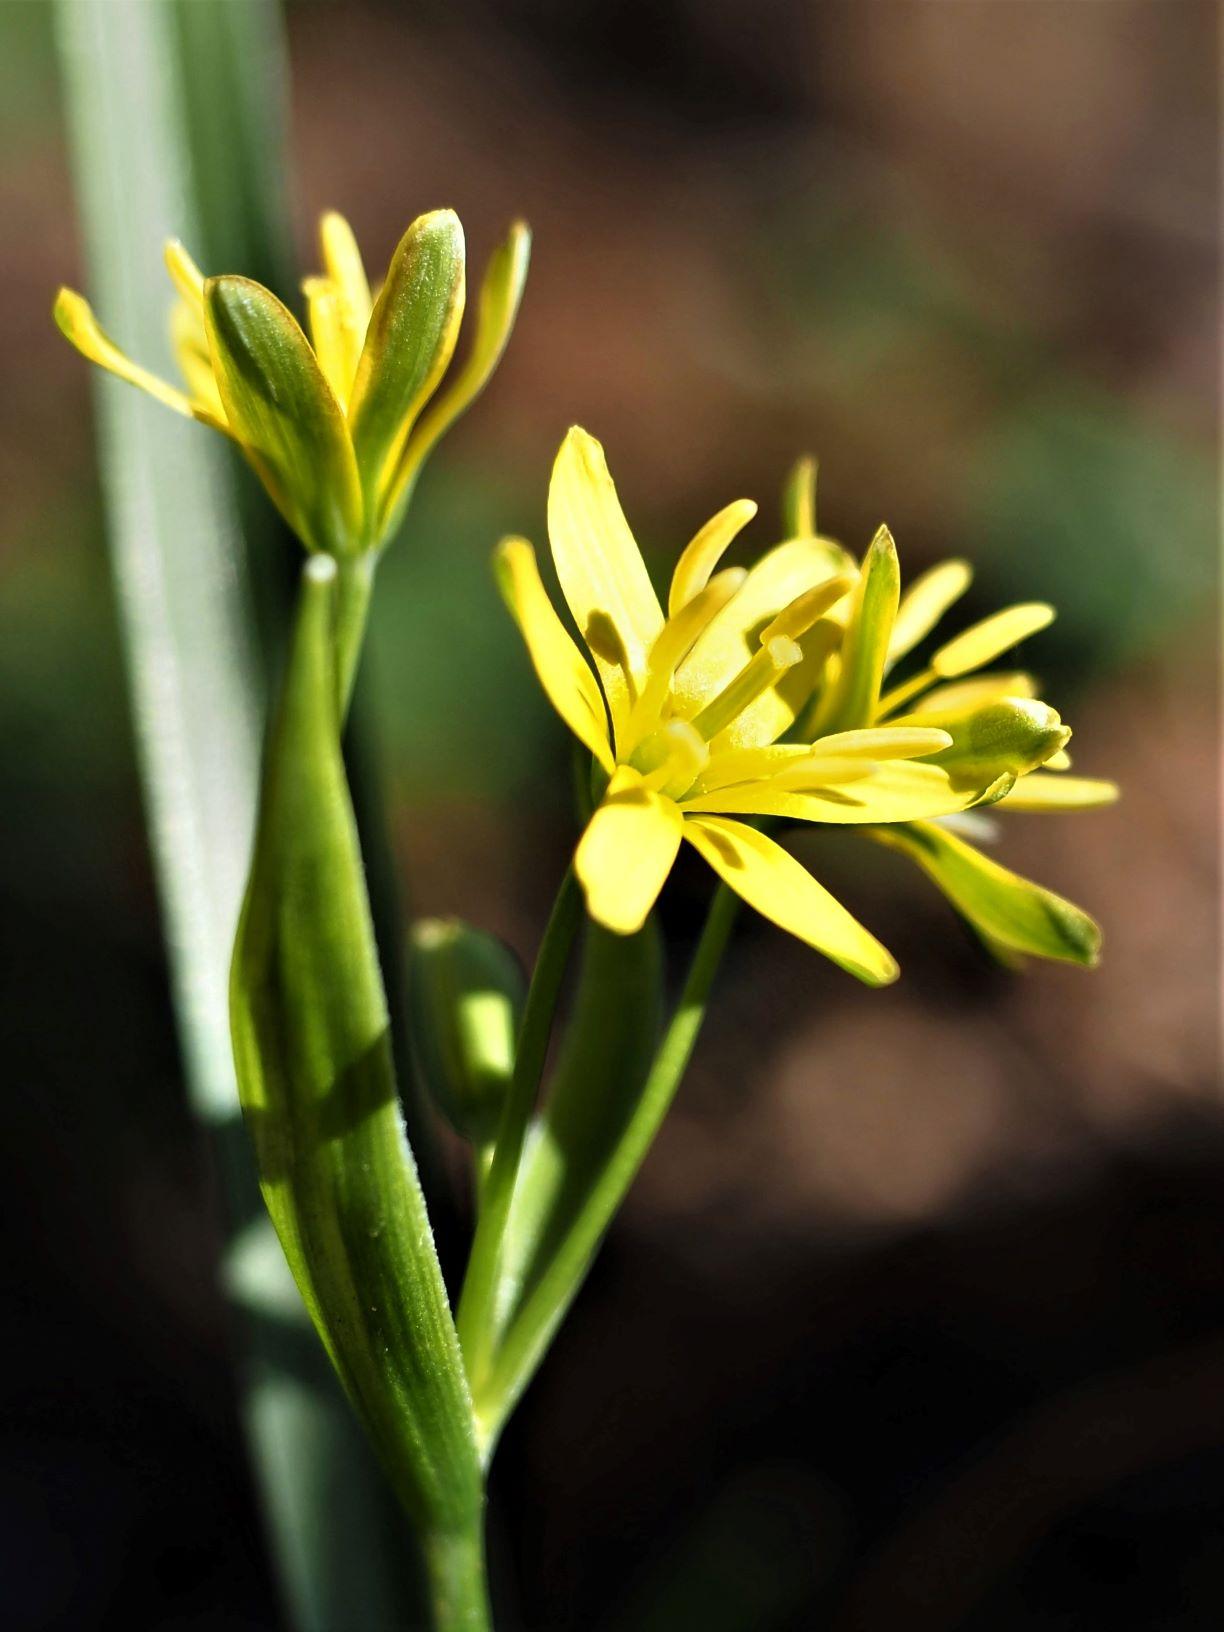 Wald-Gelbstern (M. Pagel)